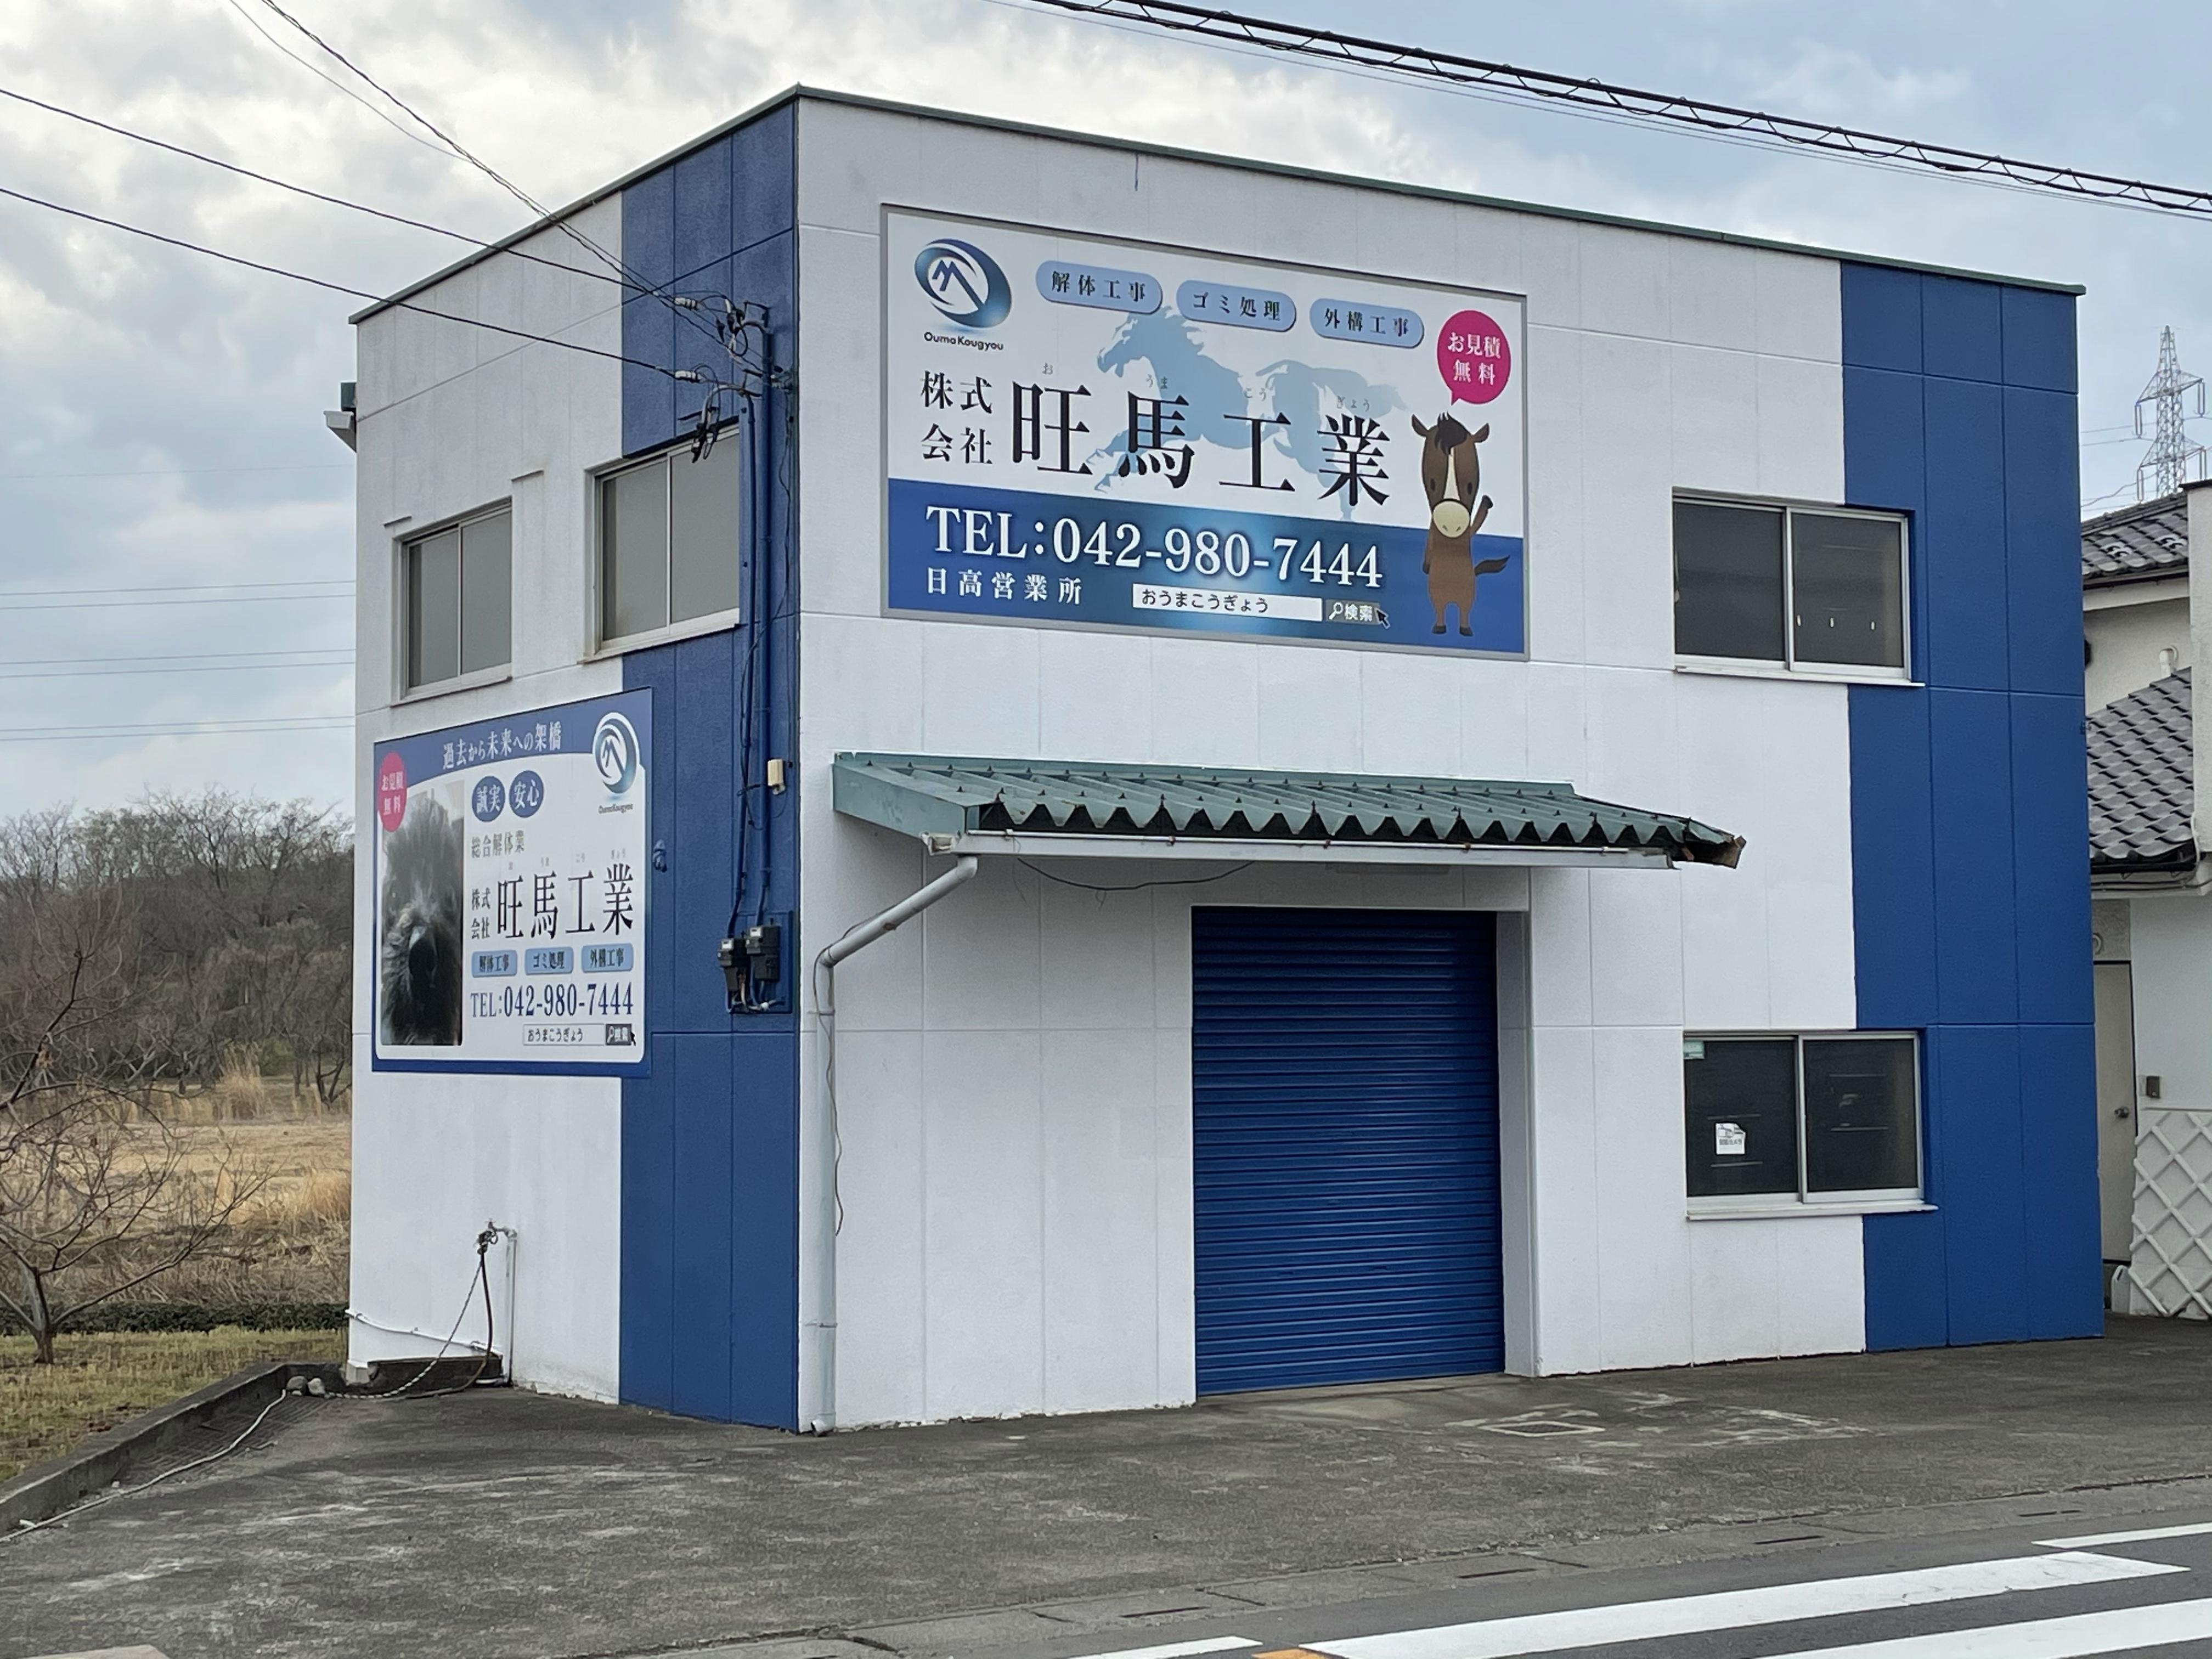 株式会社旺馬工業の日高営業所を新たに設立いたしました。